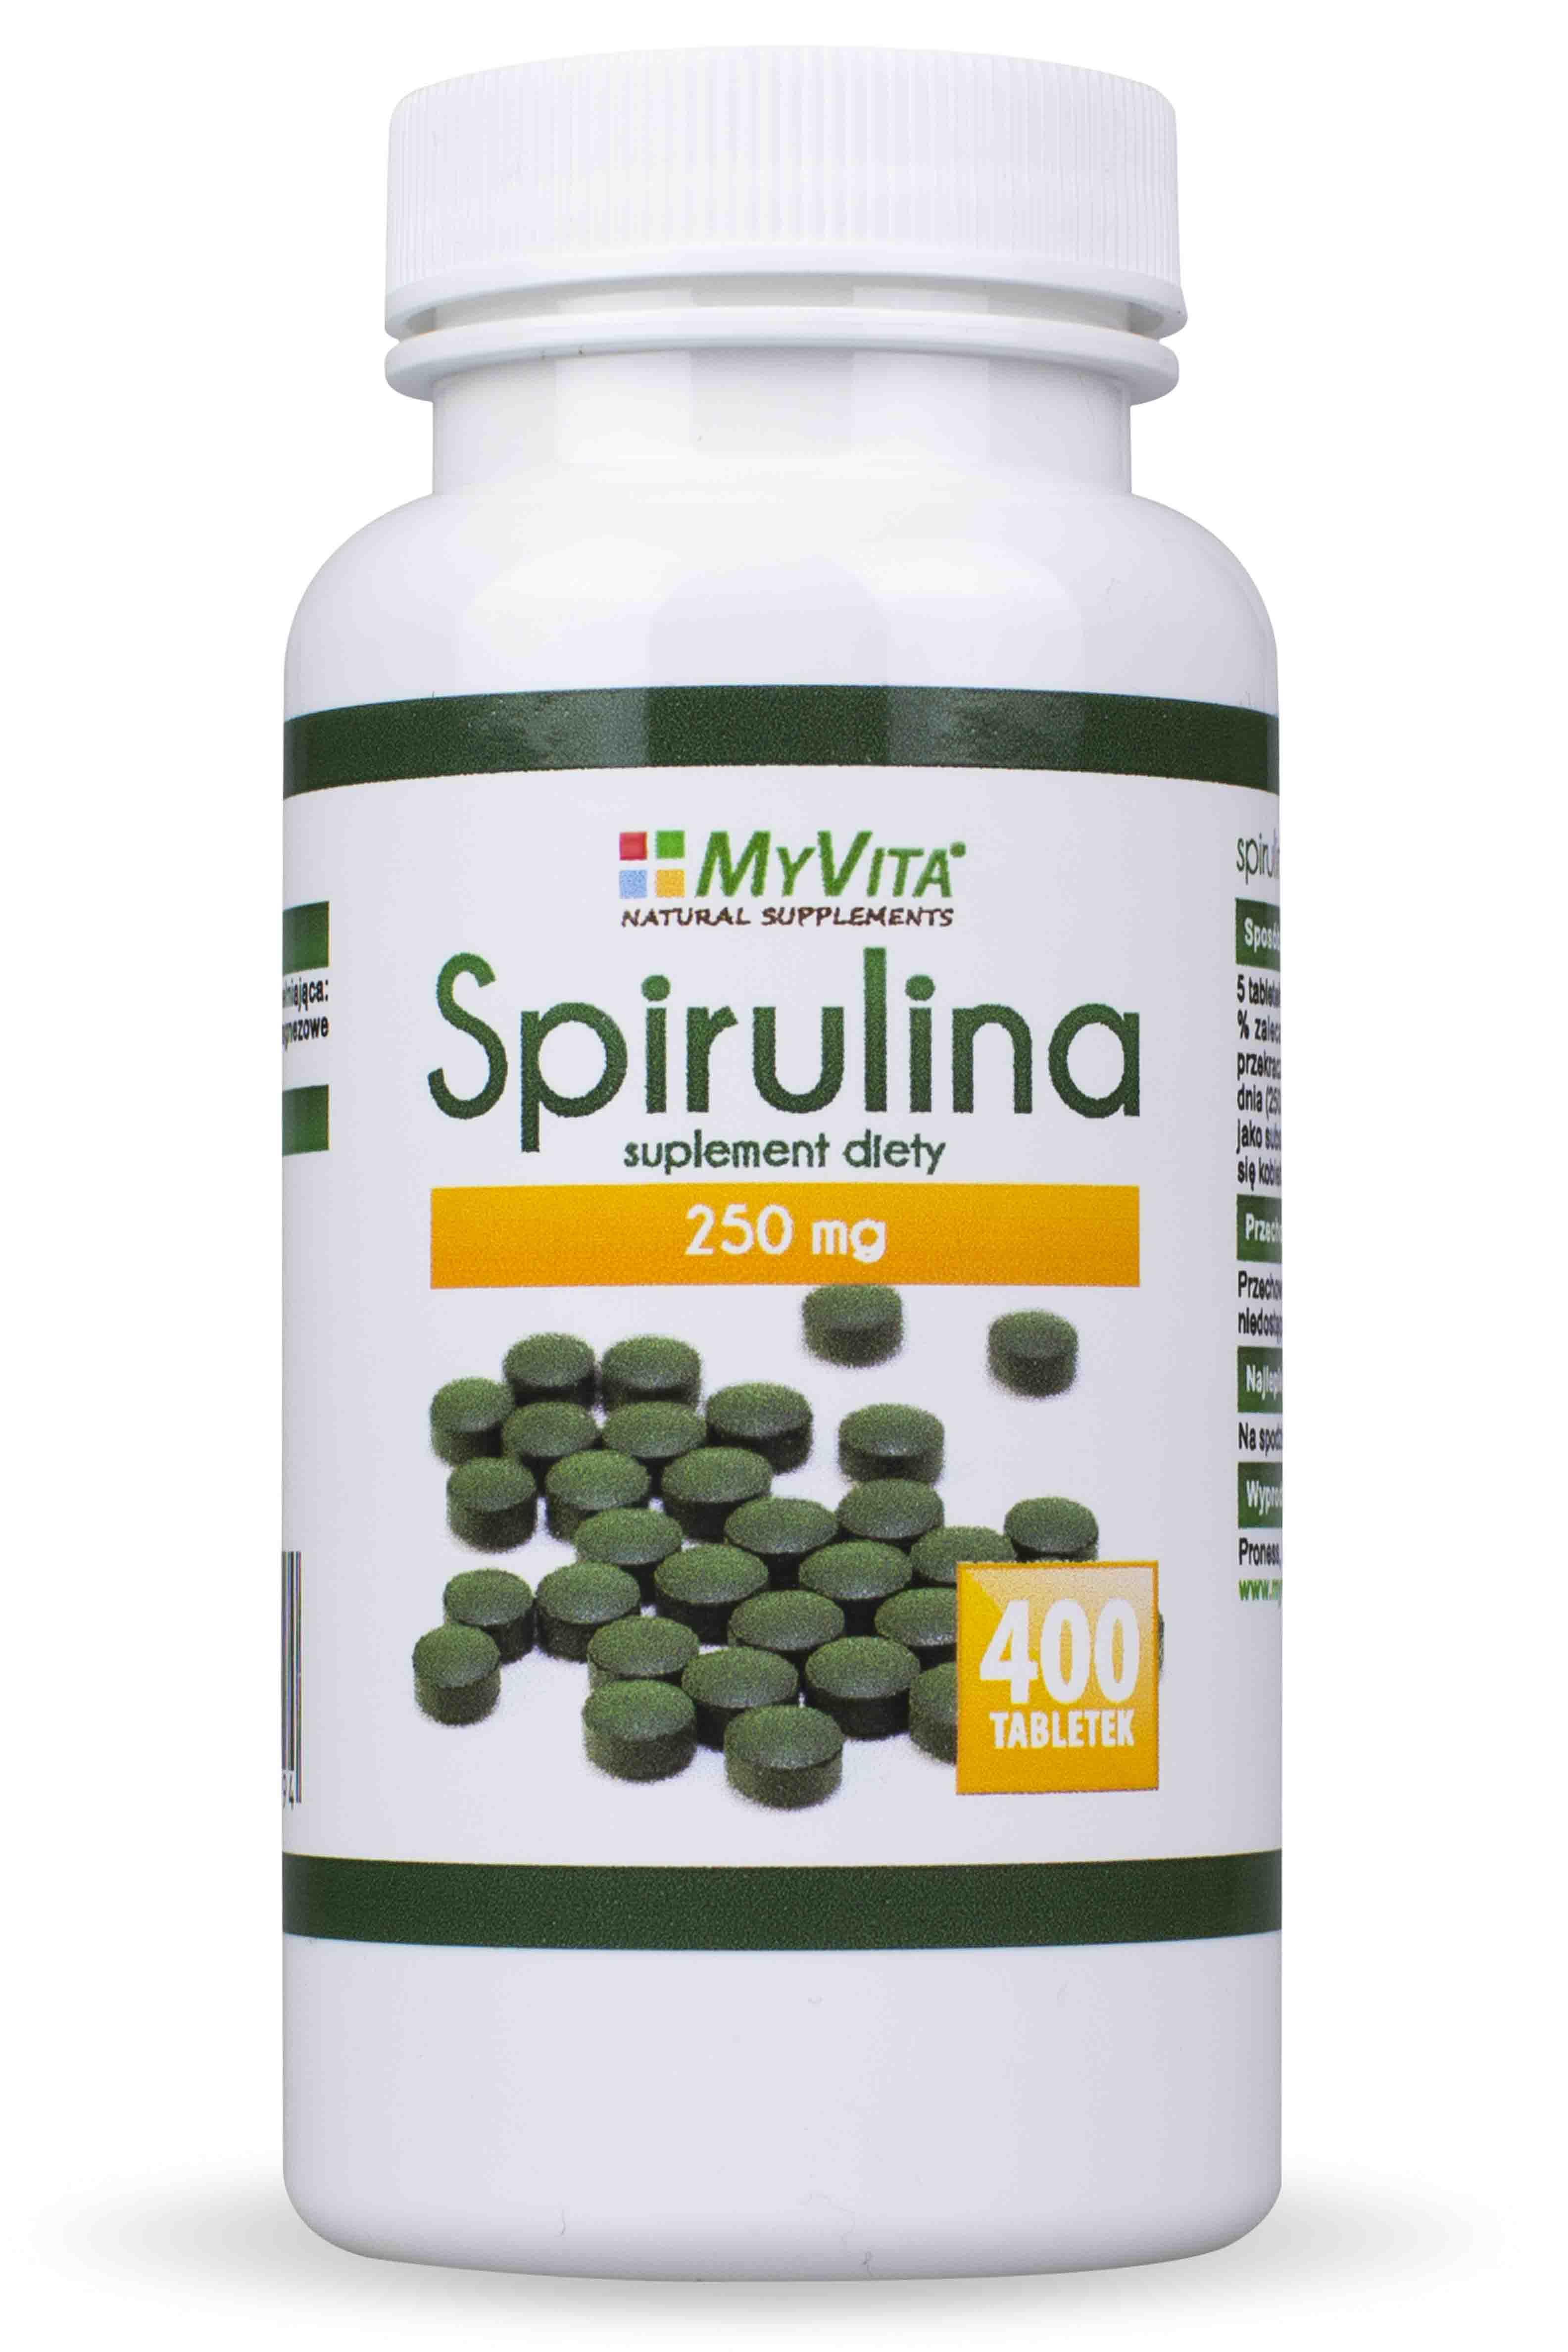 Spirulina bio z ote zdrowie for Spirulina w tabletkach